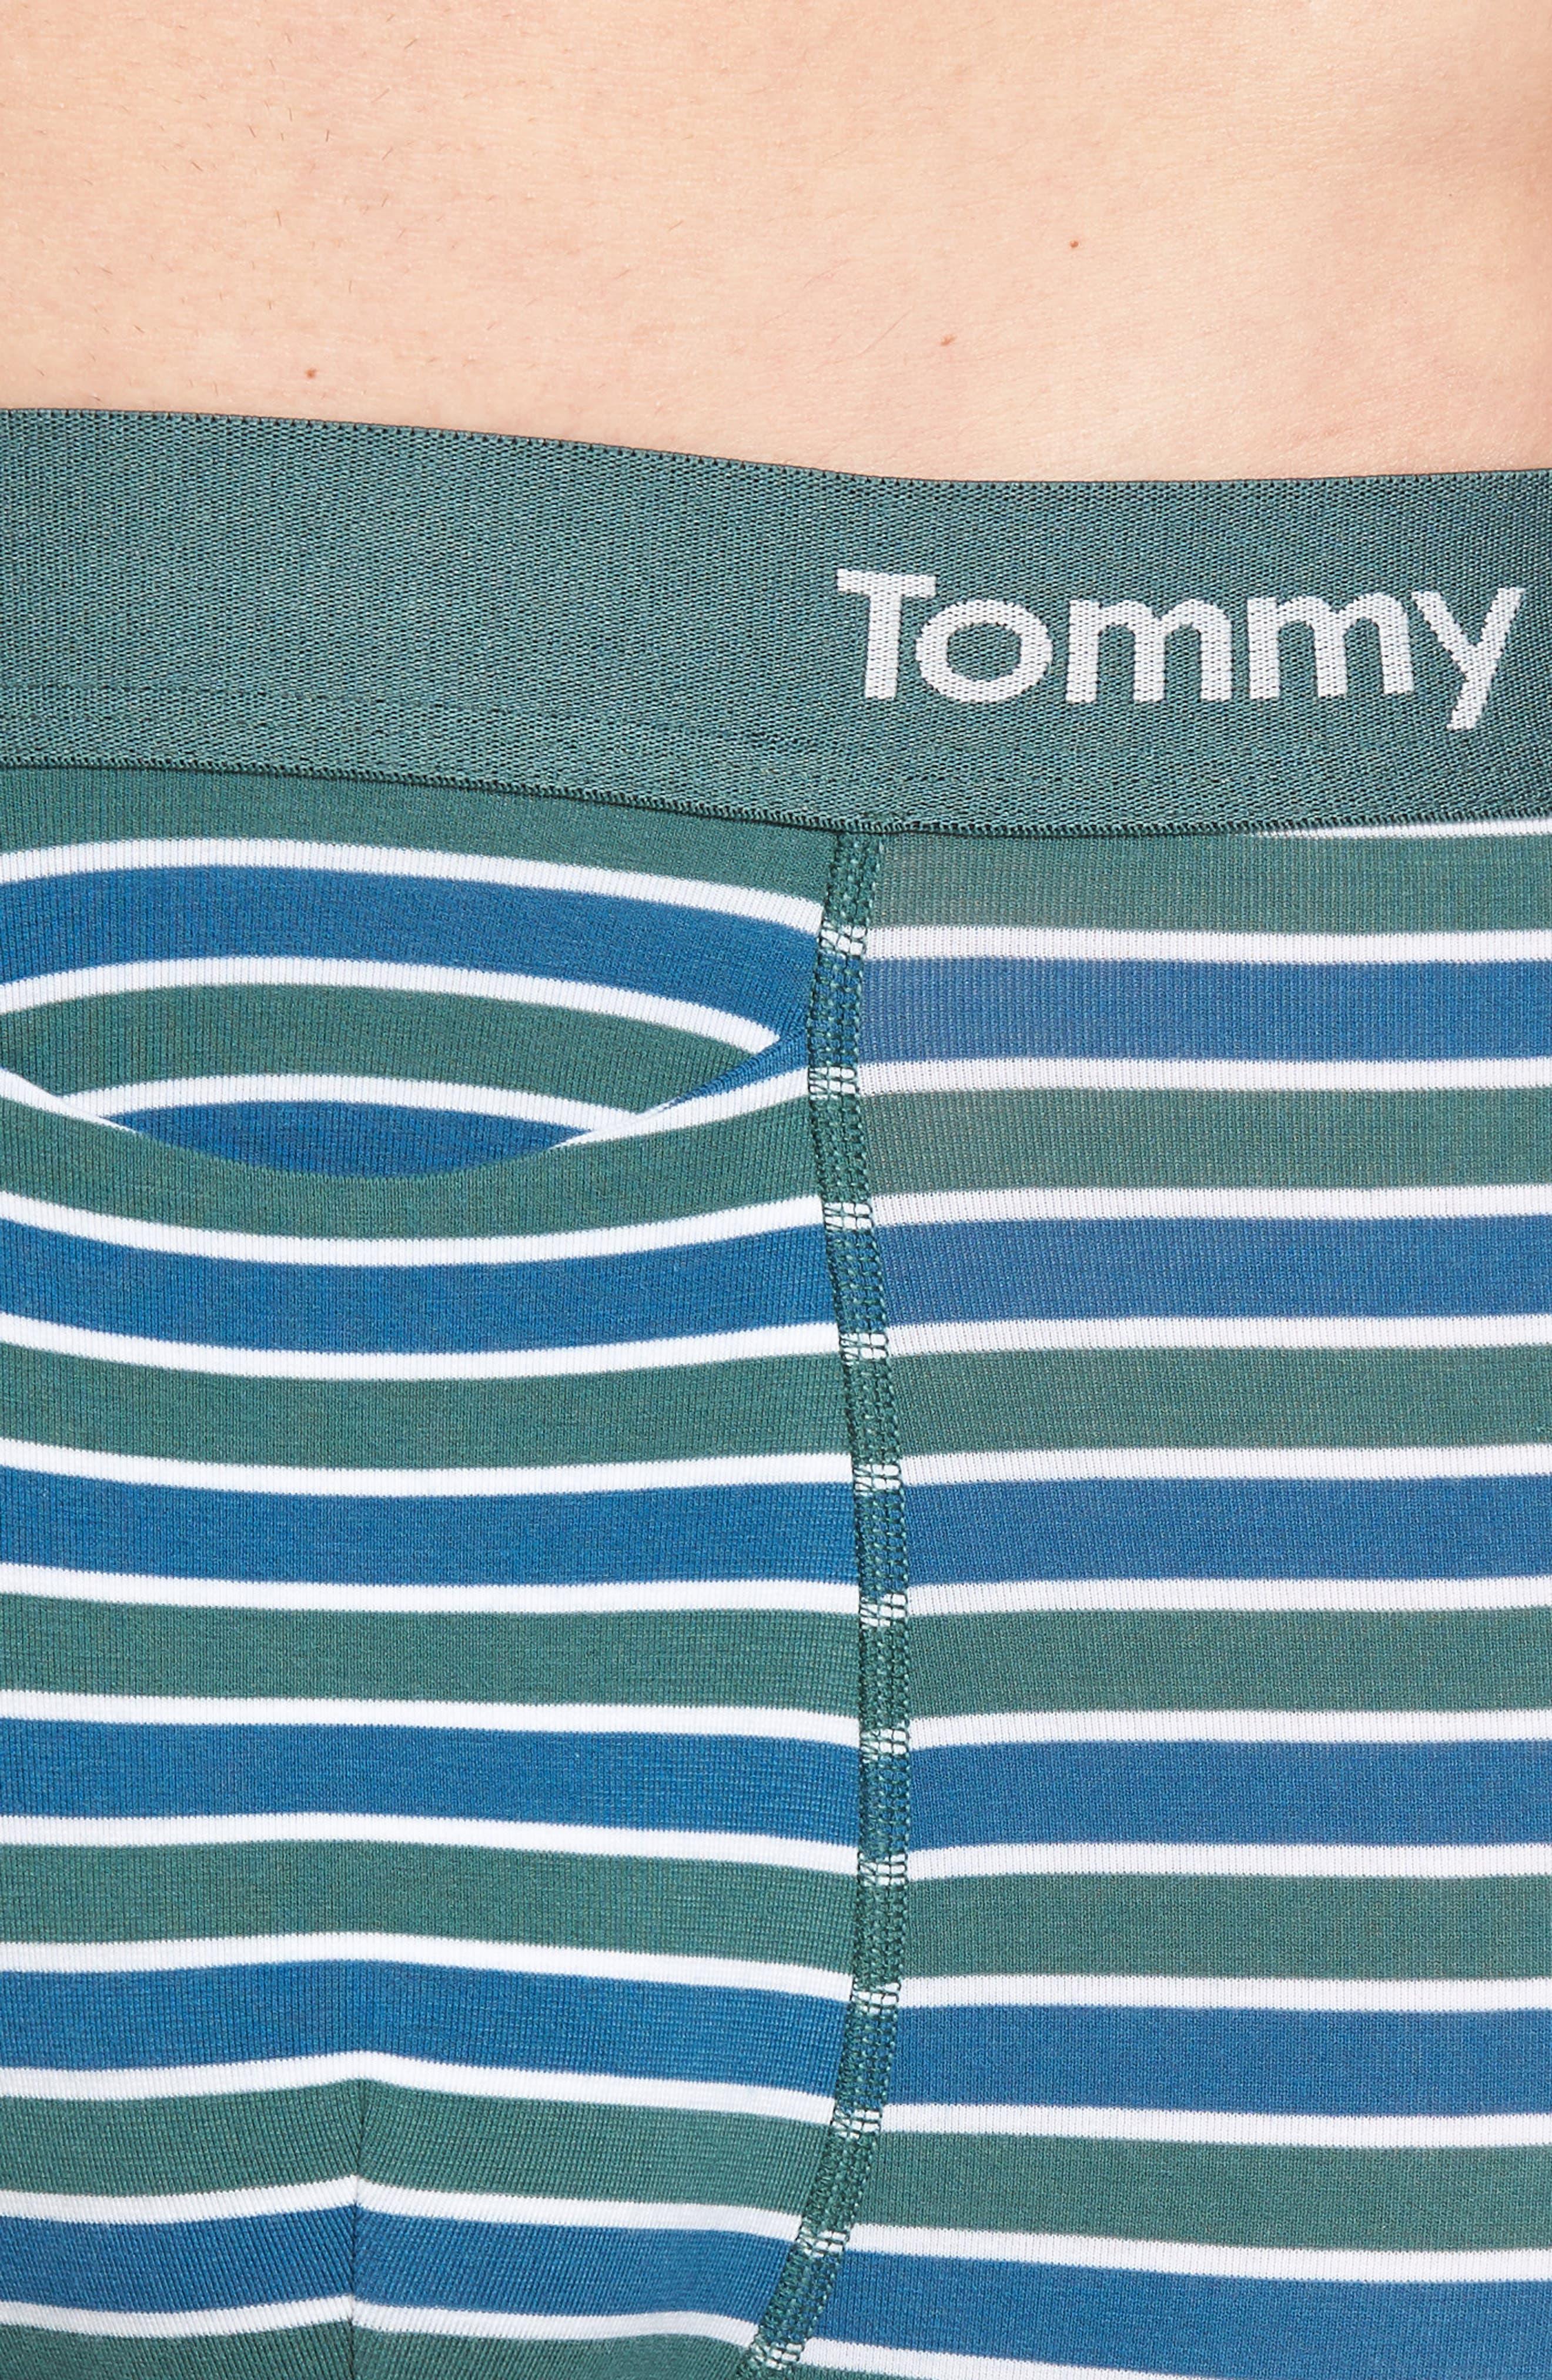 Team Stripe Trunks,                             Alternate thumbnail 4, color,                             Agave/ White/ Deep Blue